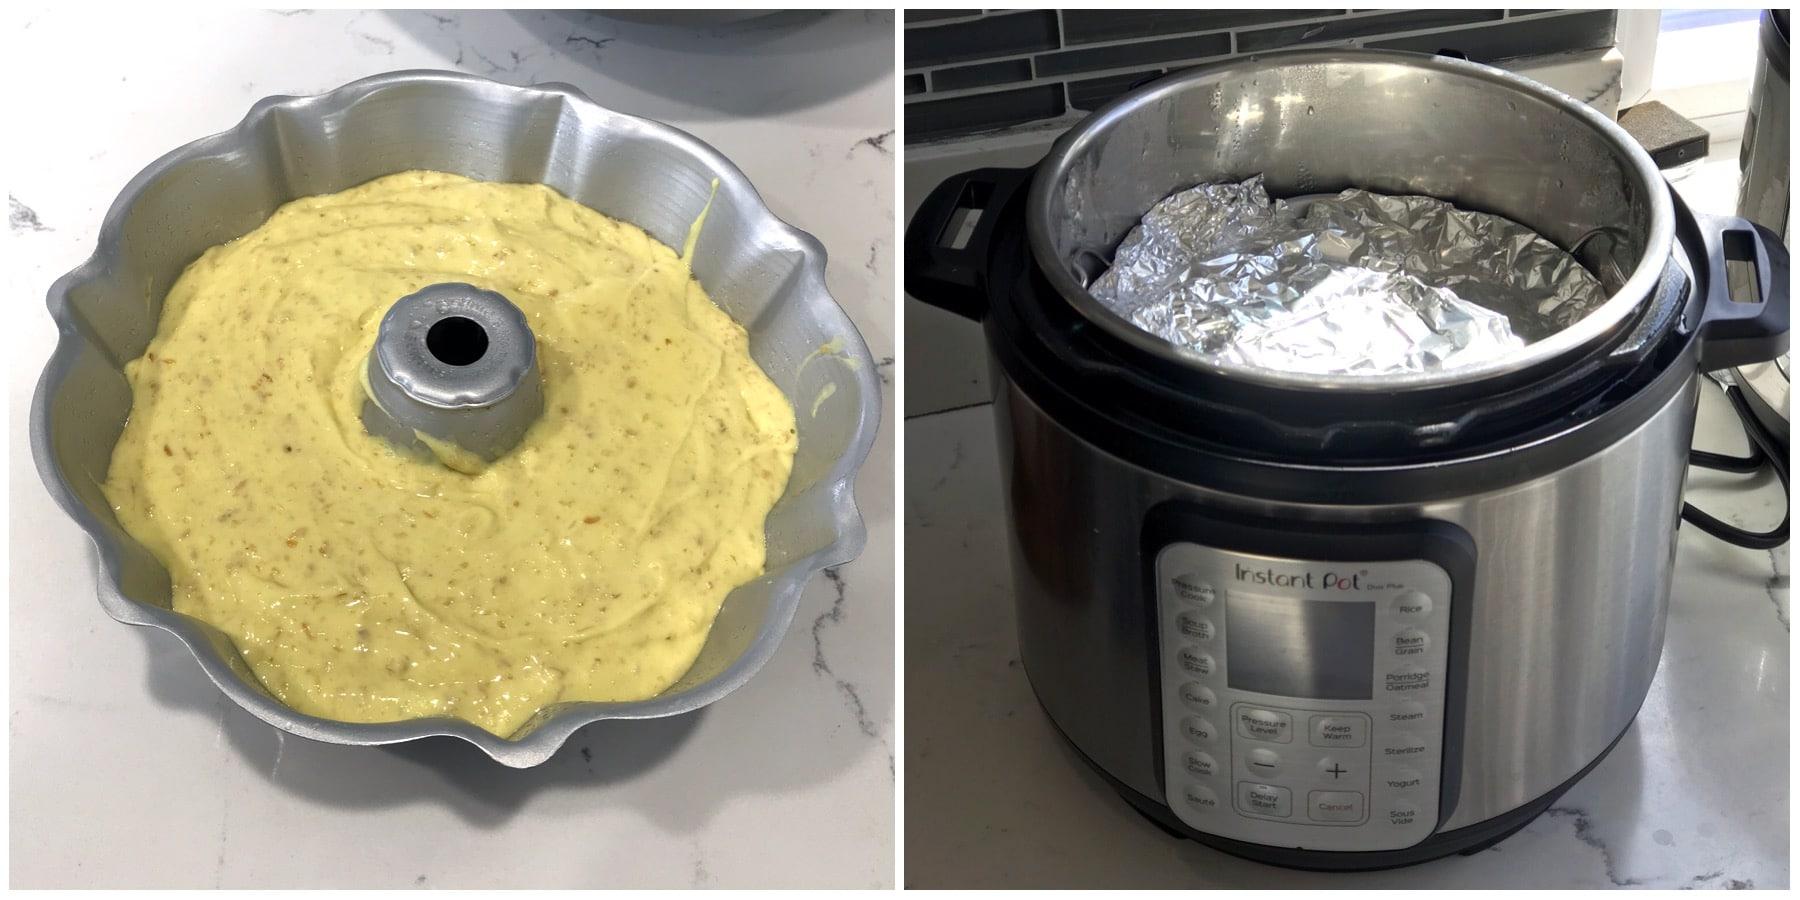 Cake and Lemon